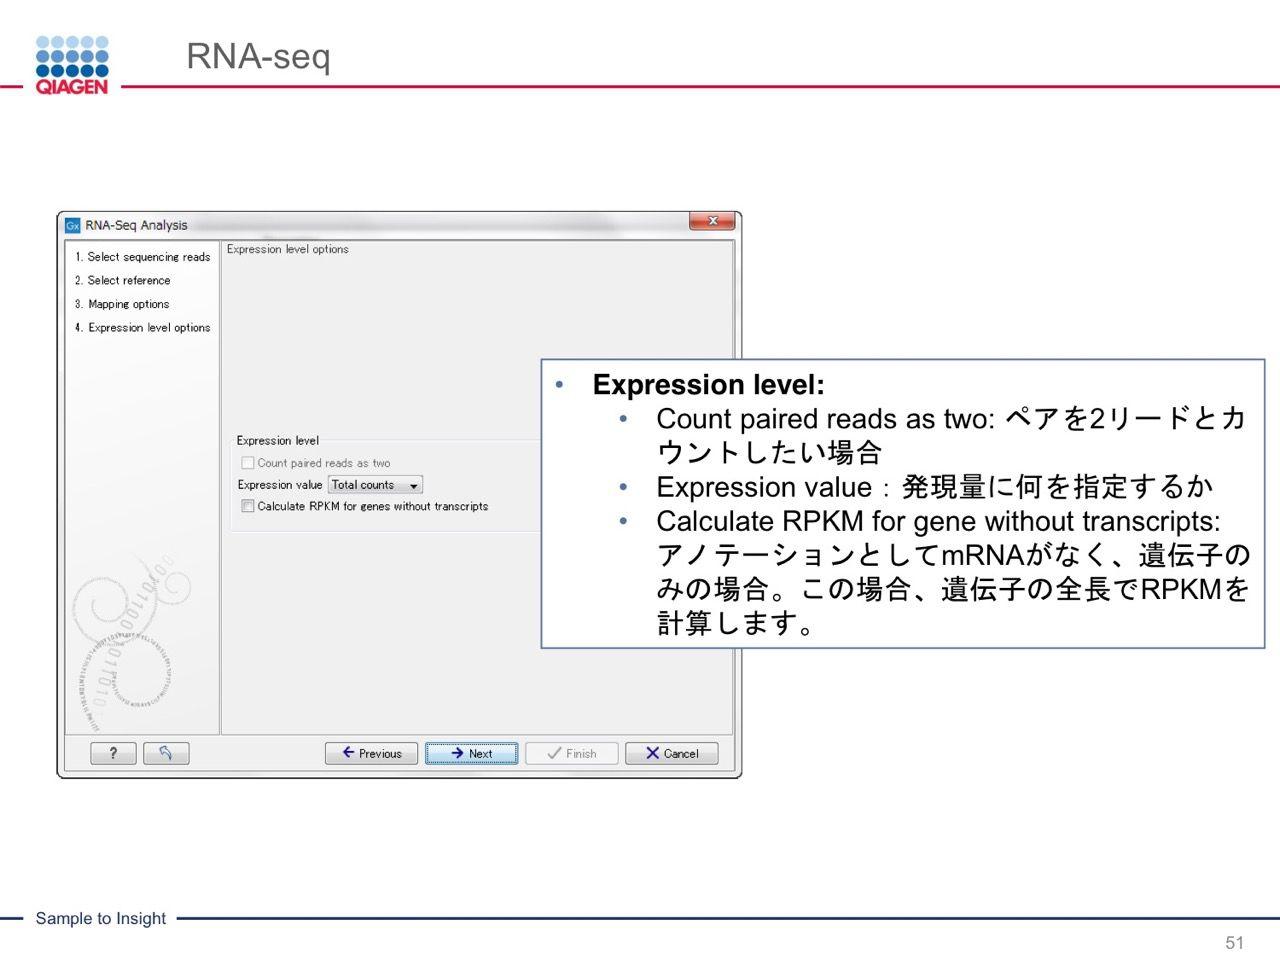 images/AJACSa2_miyamoto_051.jpg